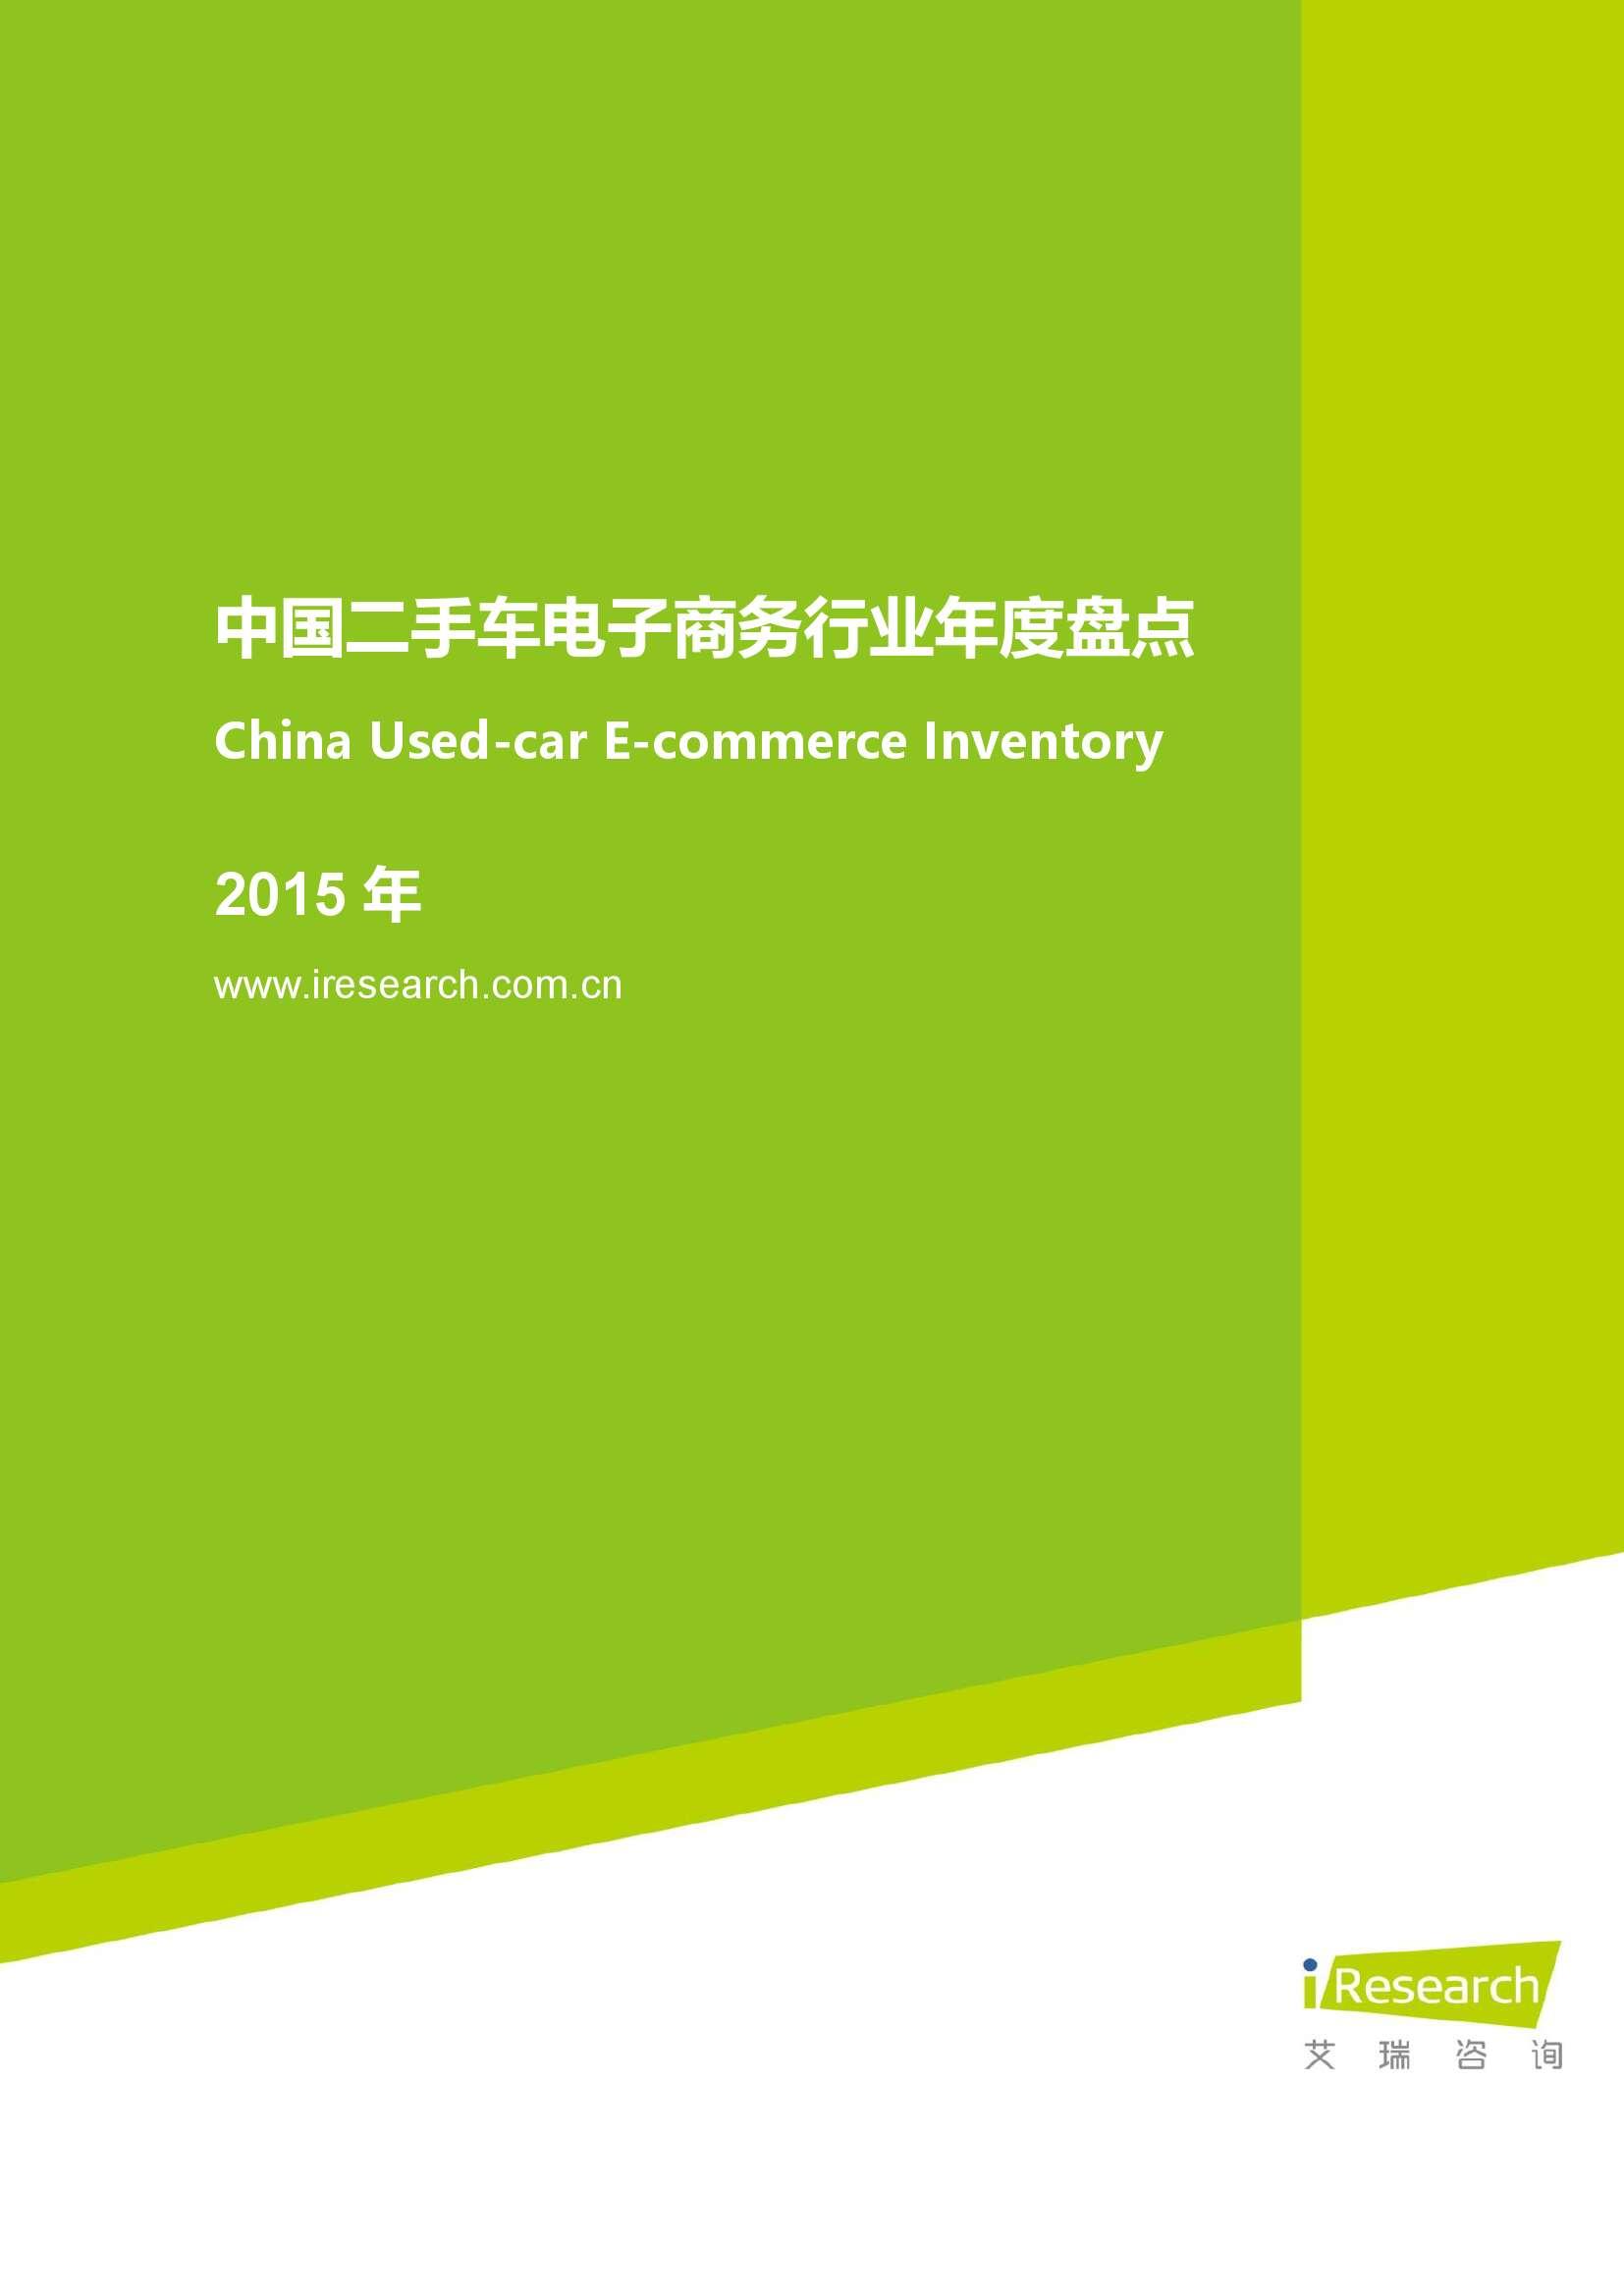 2015年中国二手车电子商务行业年度盘点_000001